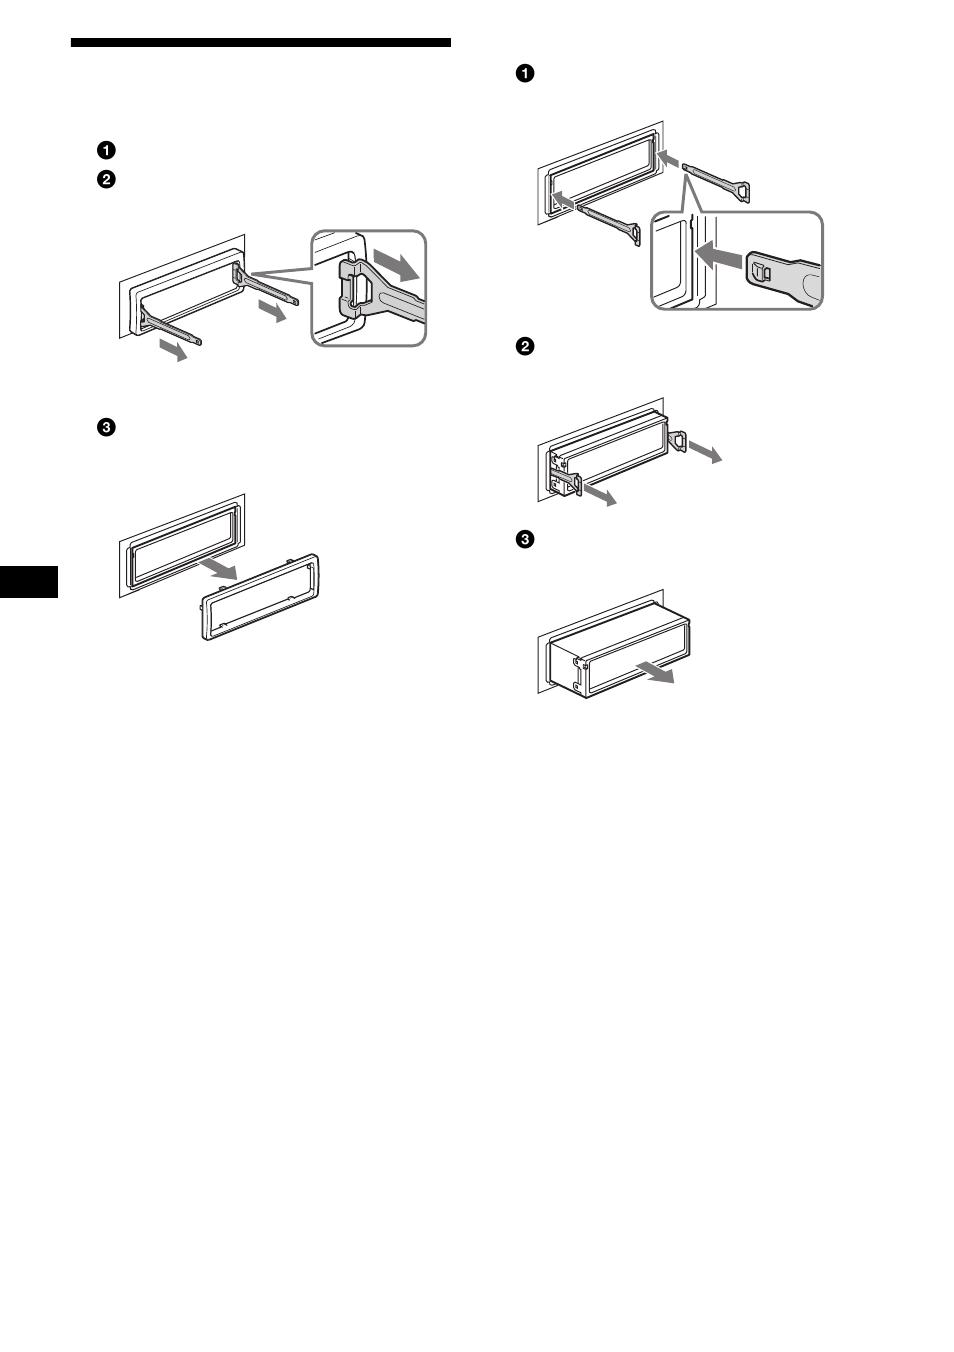 Extraccin De La Unidad 26 Sony Cdx Fw700 Wiring Diagram User